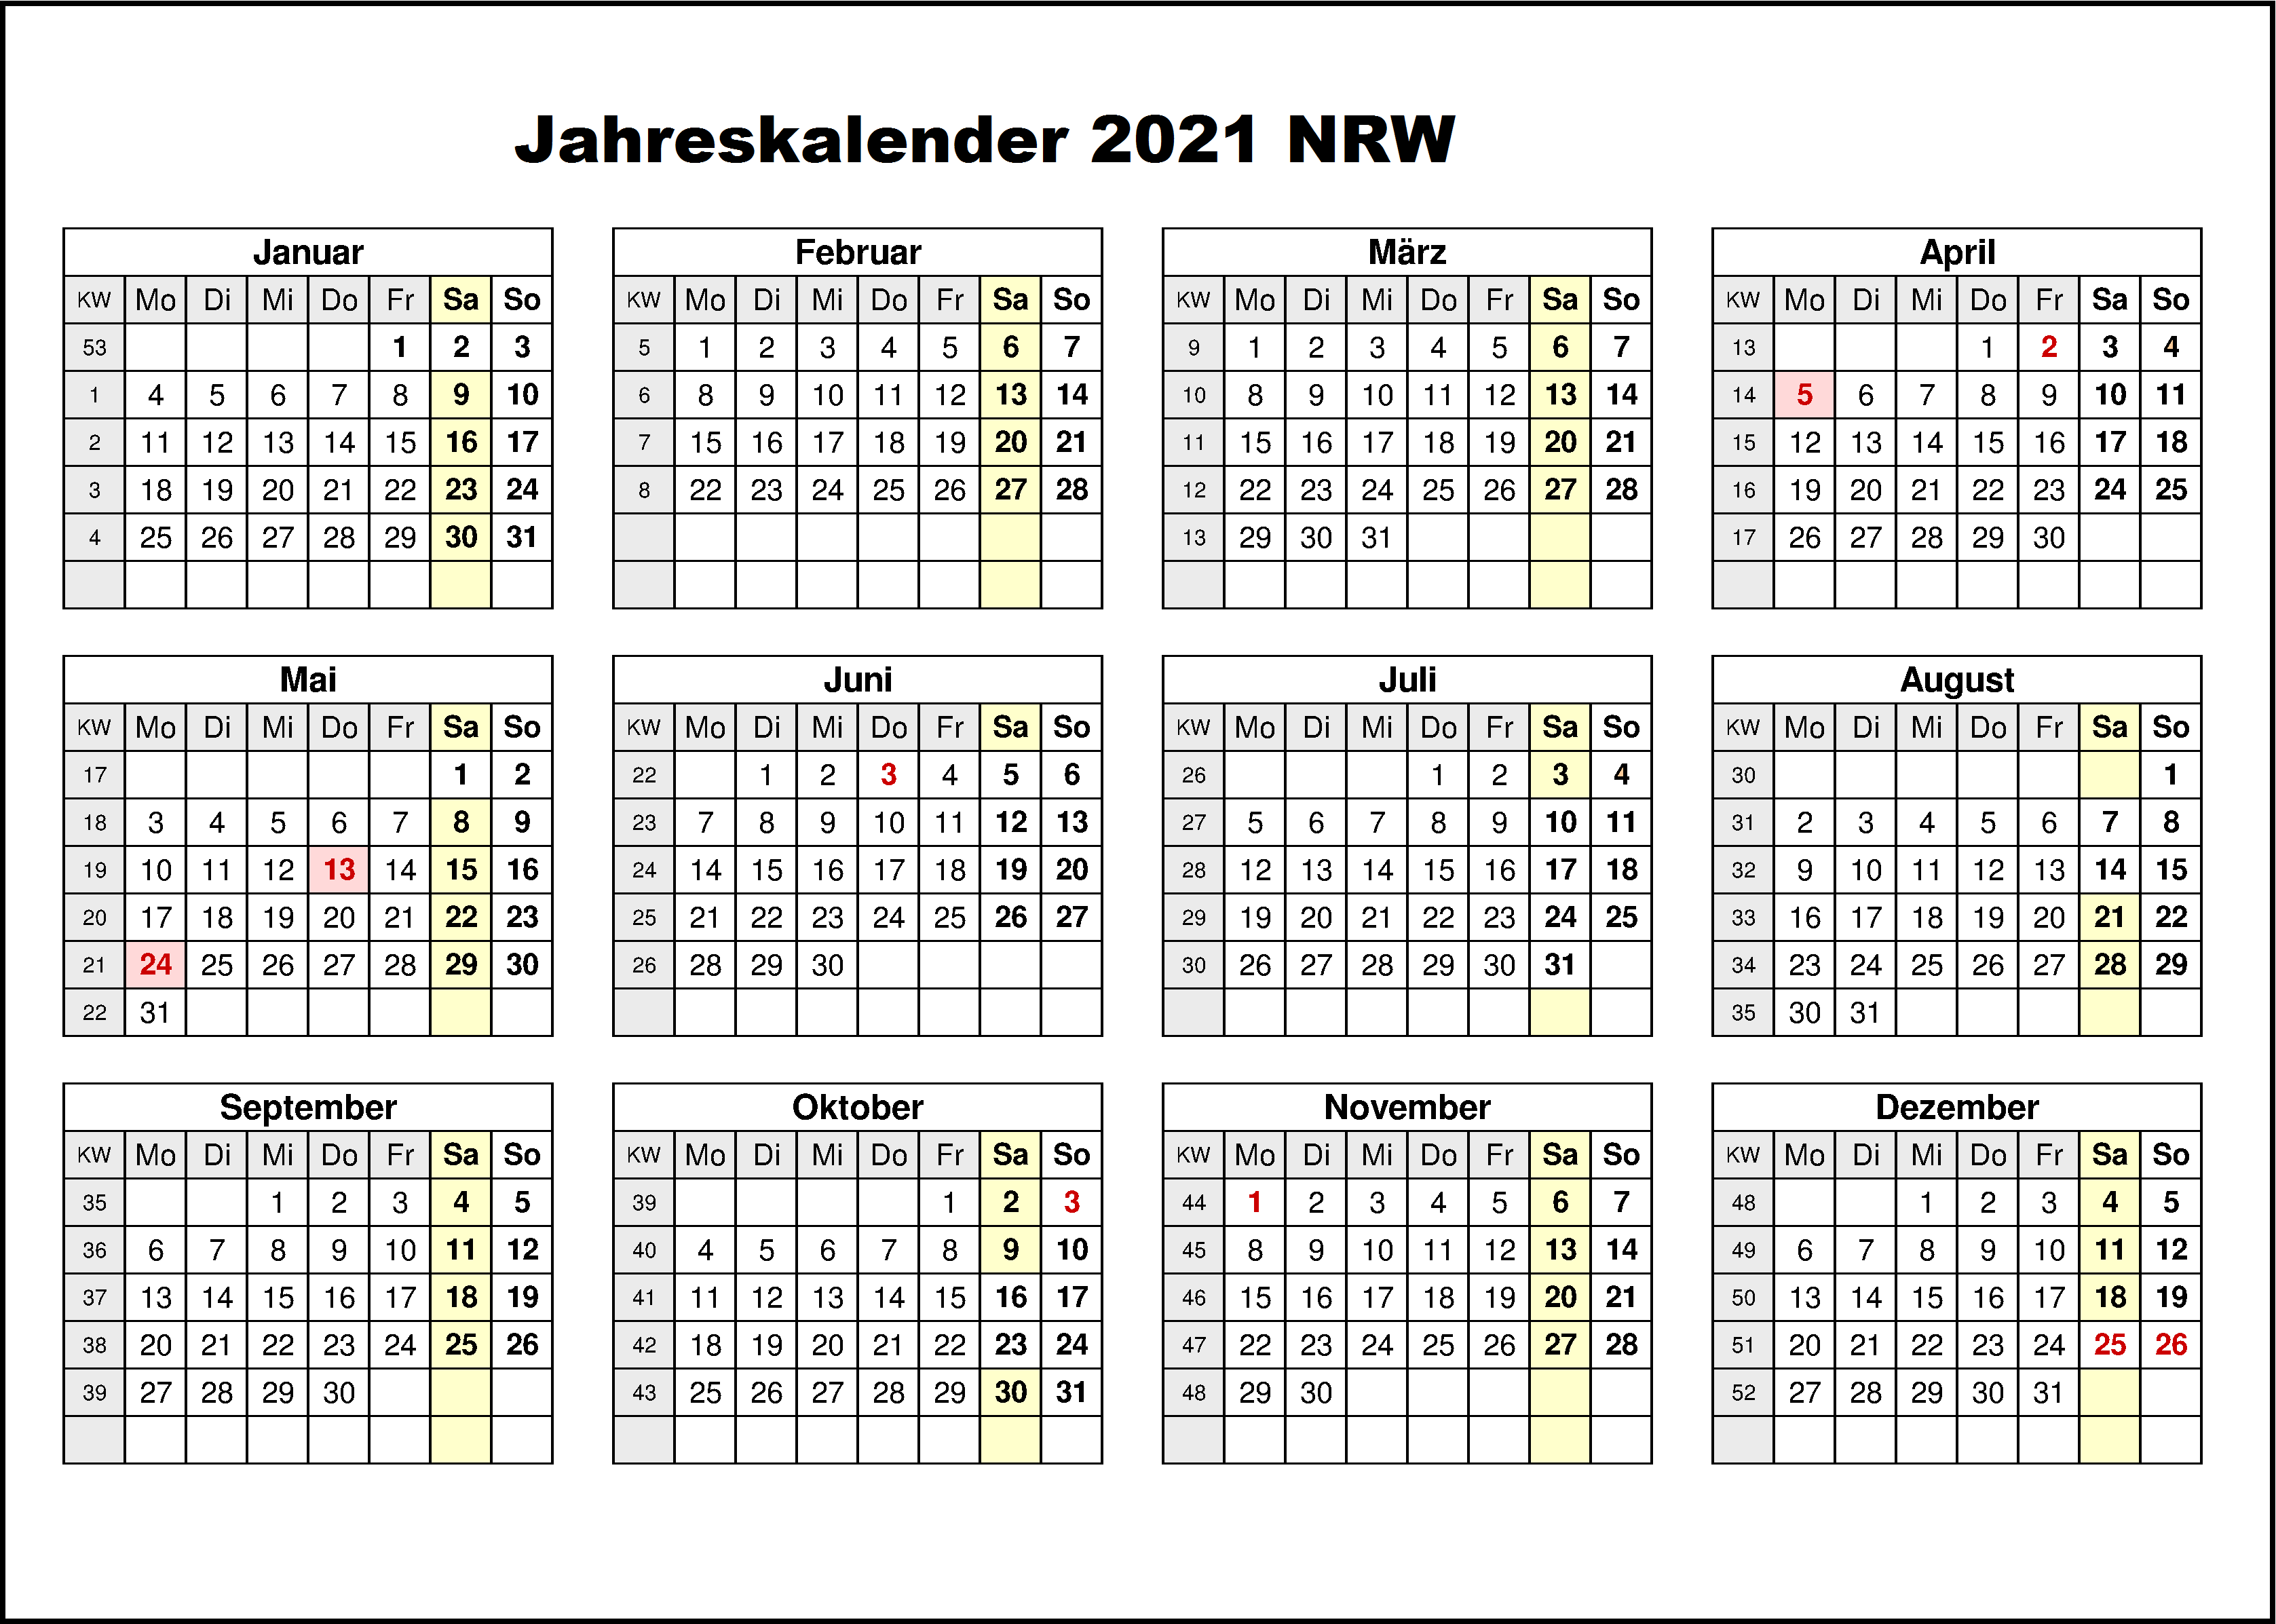 Jahreskalender 2021 NRW